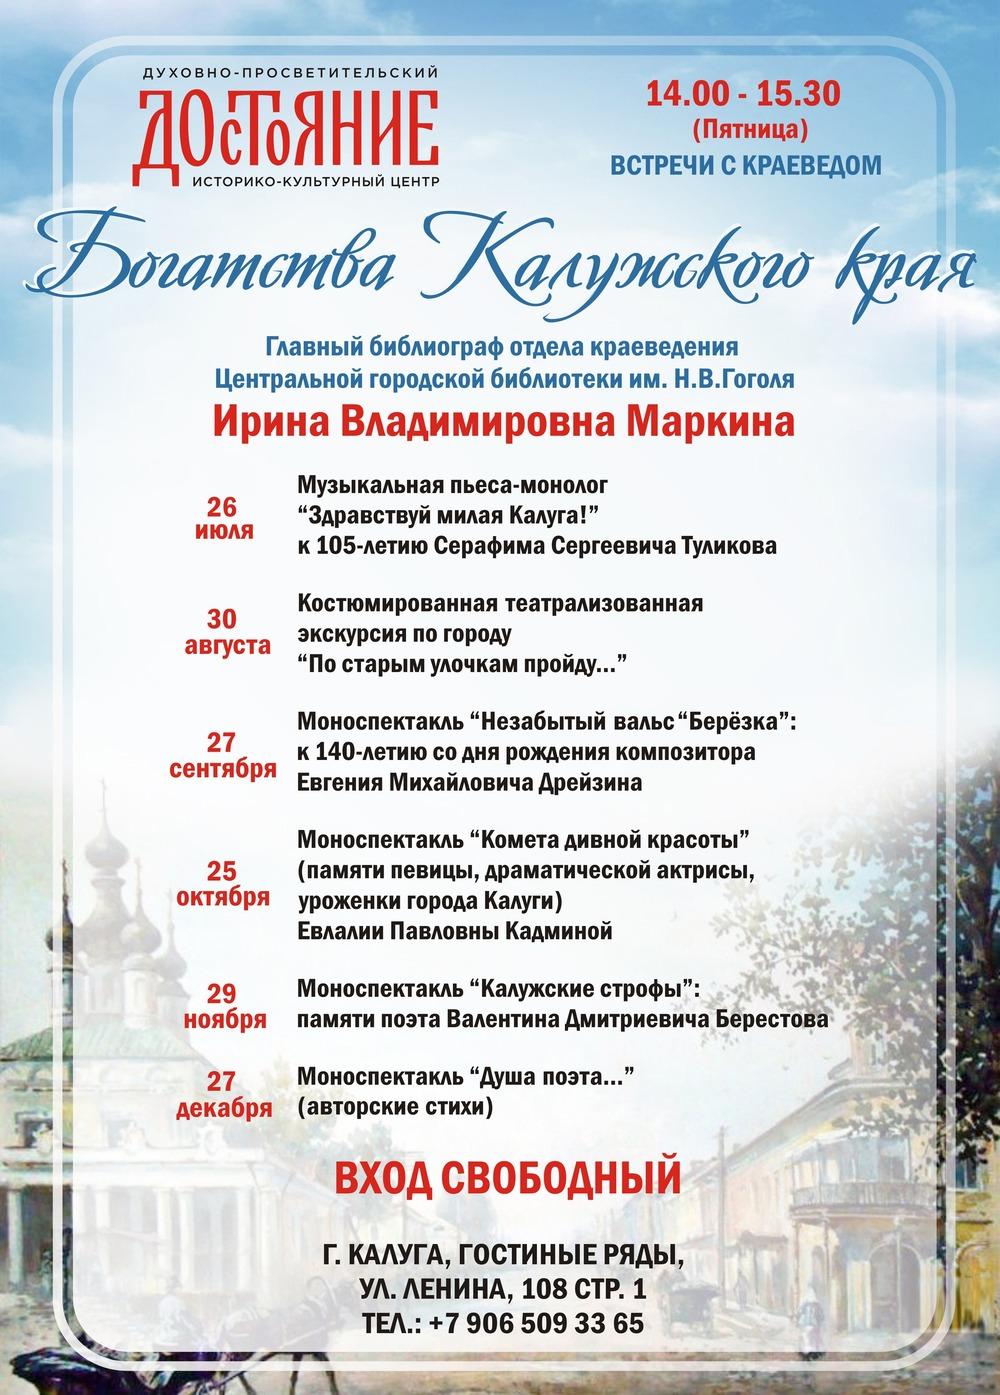 vstrechi-s-kraevedom-bogatstva-kaluzhskogo-kraya